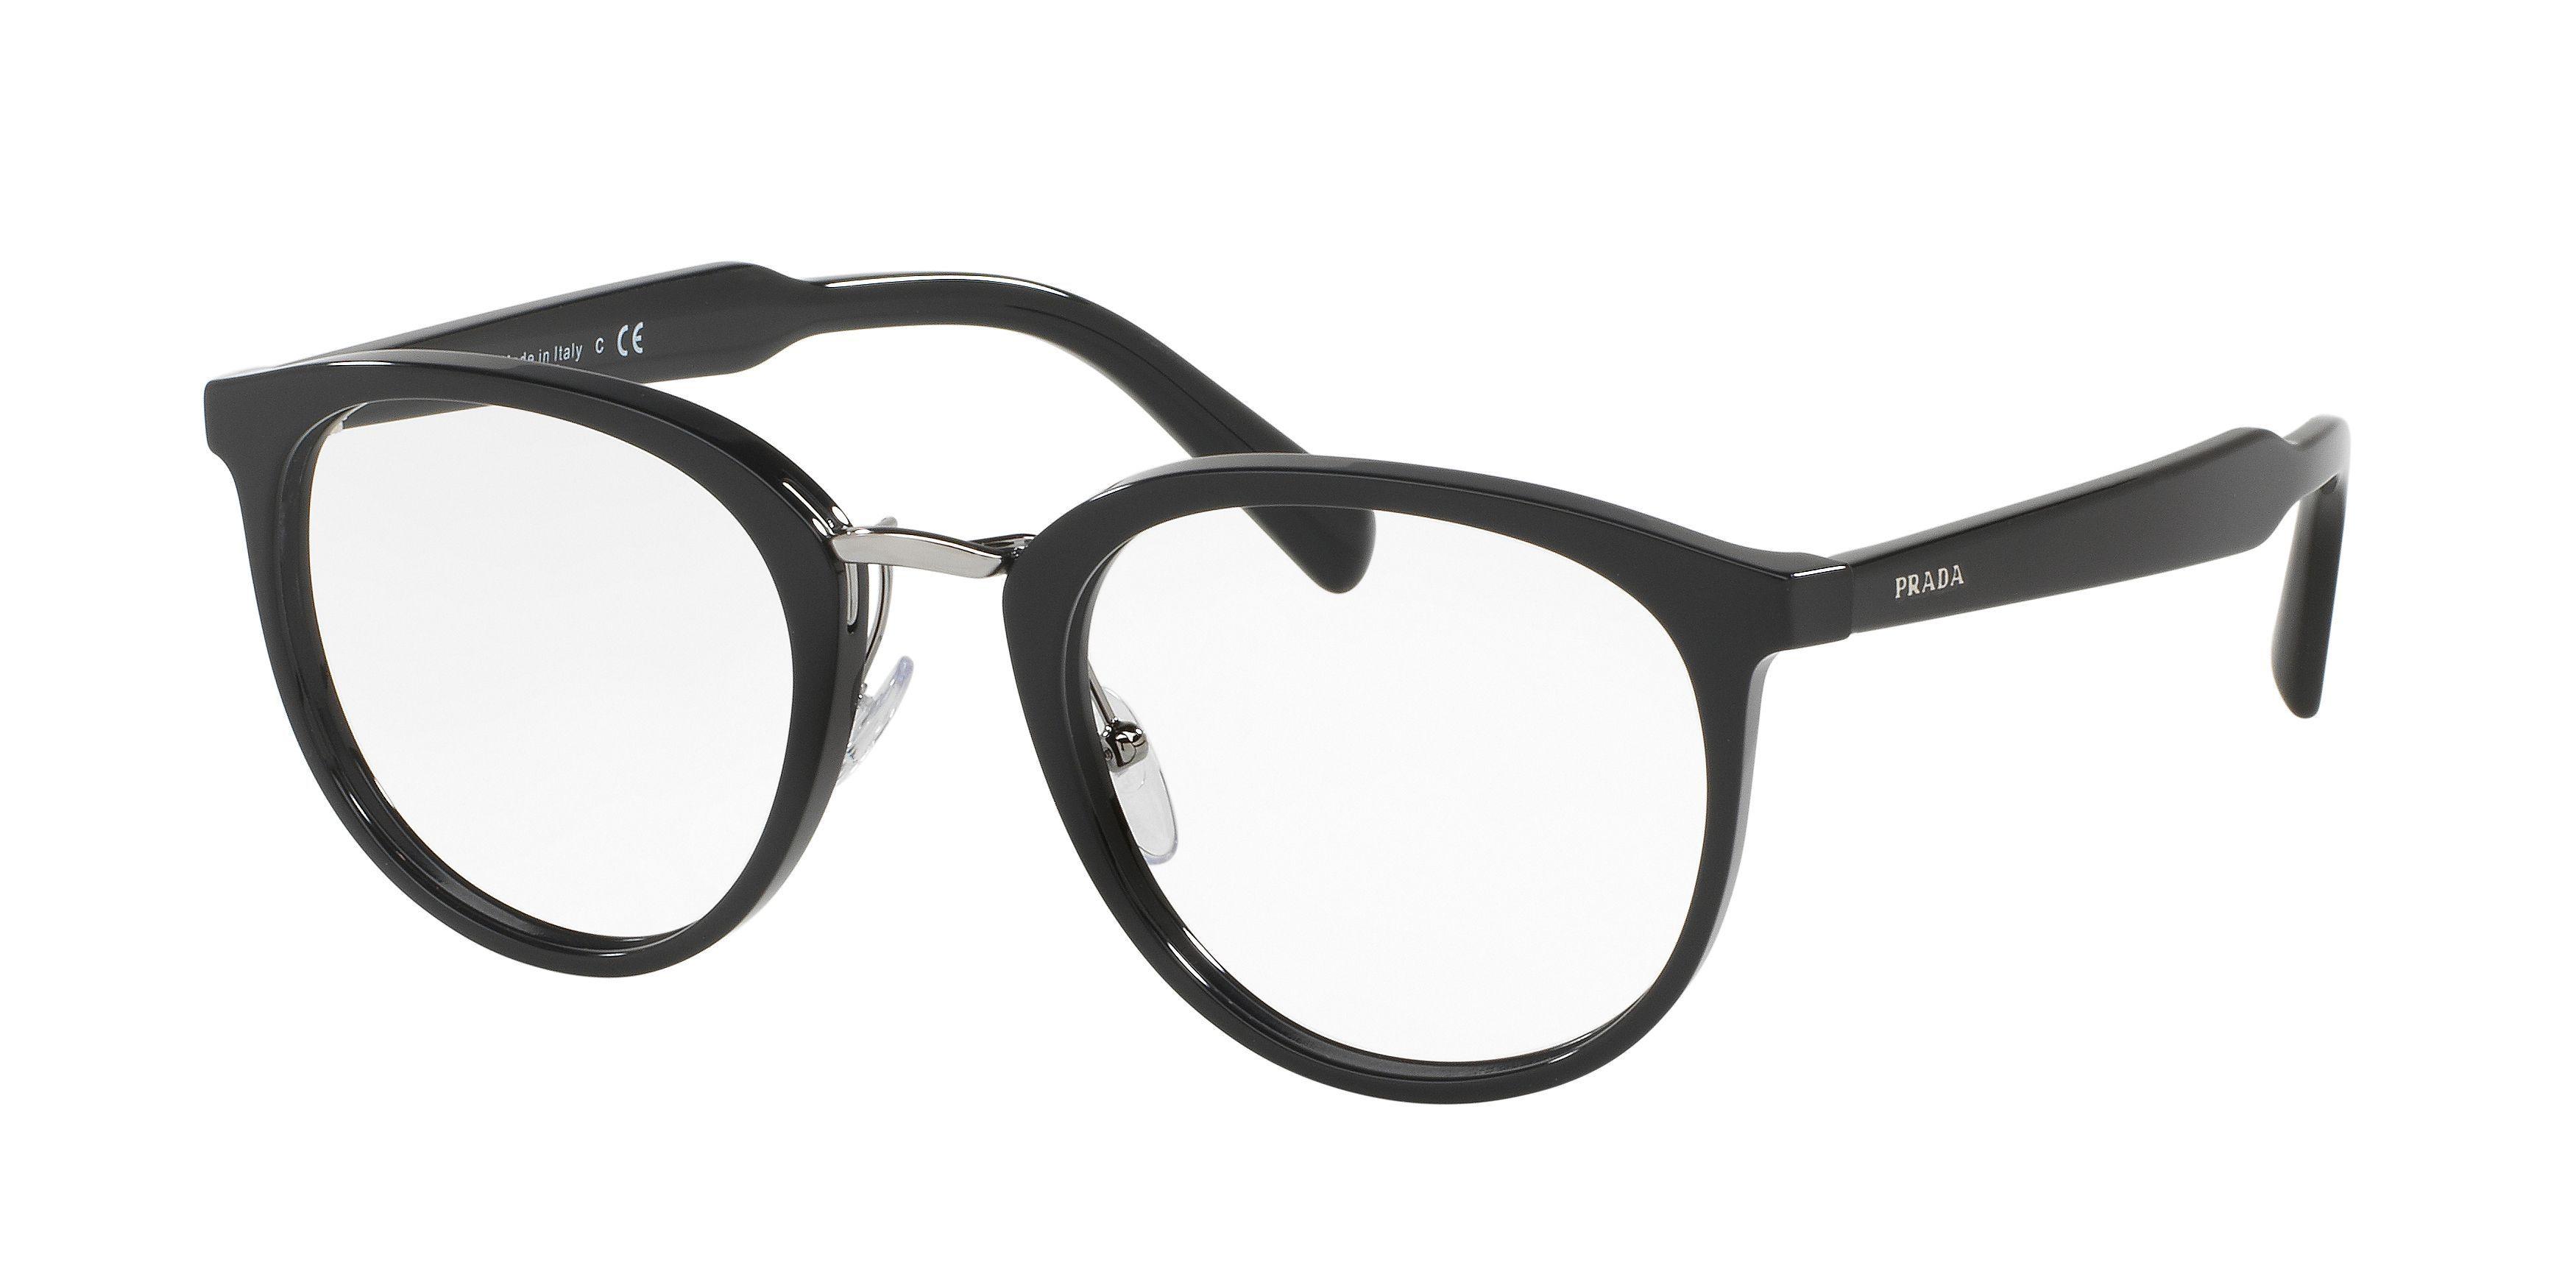 91c78f6eec50 Miu Miu MU53OV Glasses